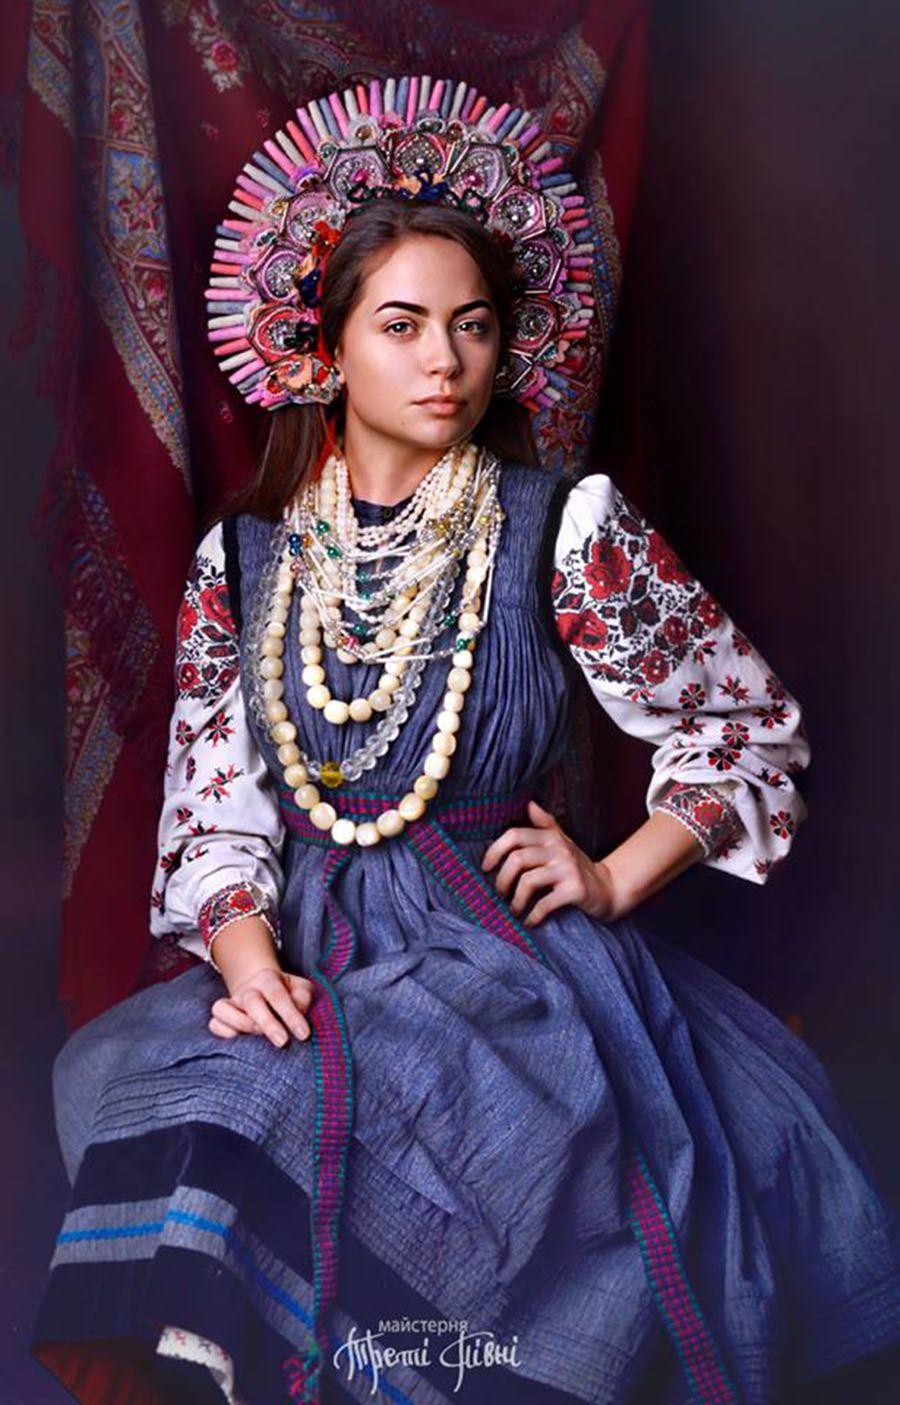 Estos bellos retratos nos muestran la belleza y singularidad de la ...